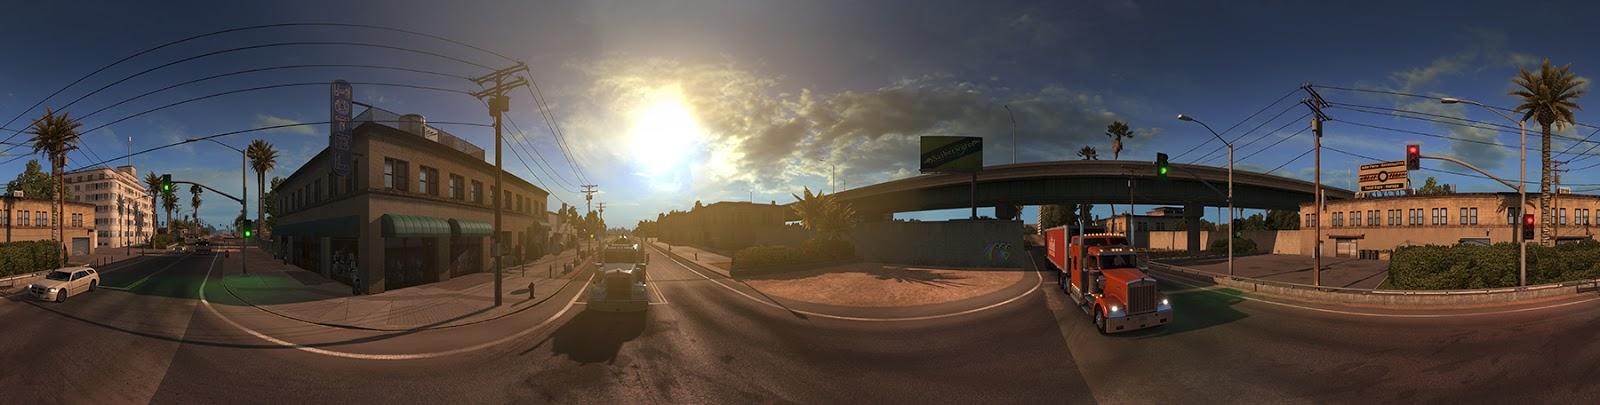 american_truck_simulator_panorame_002